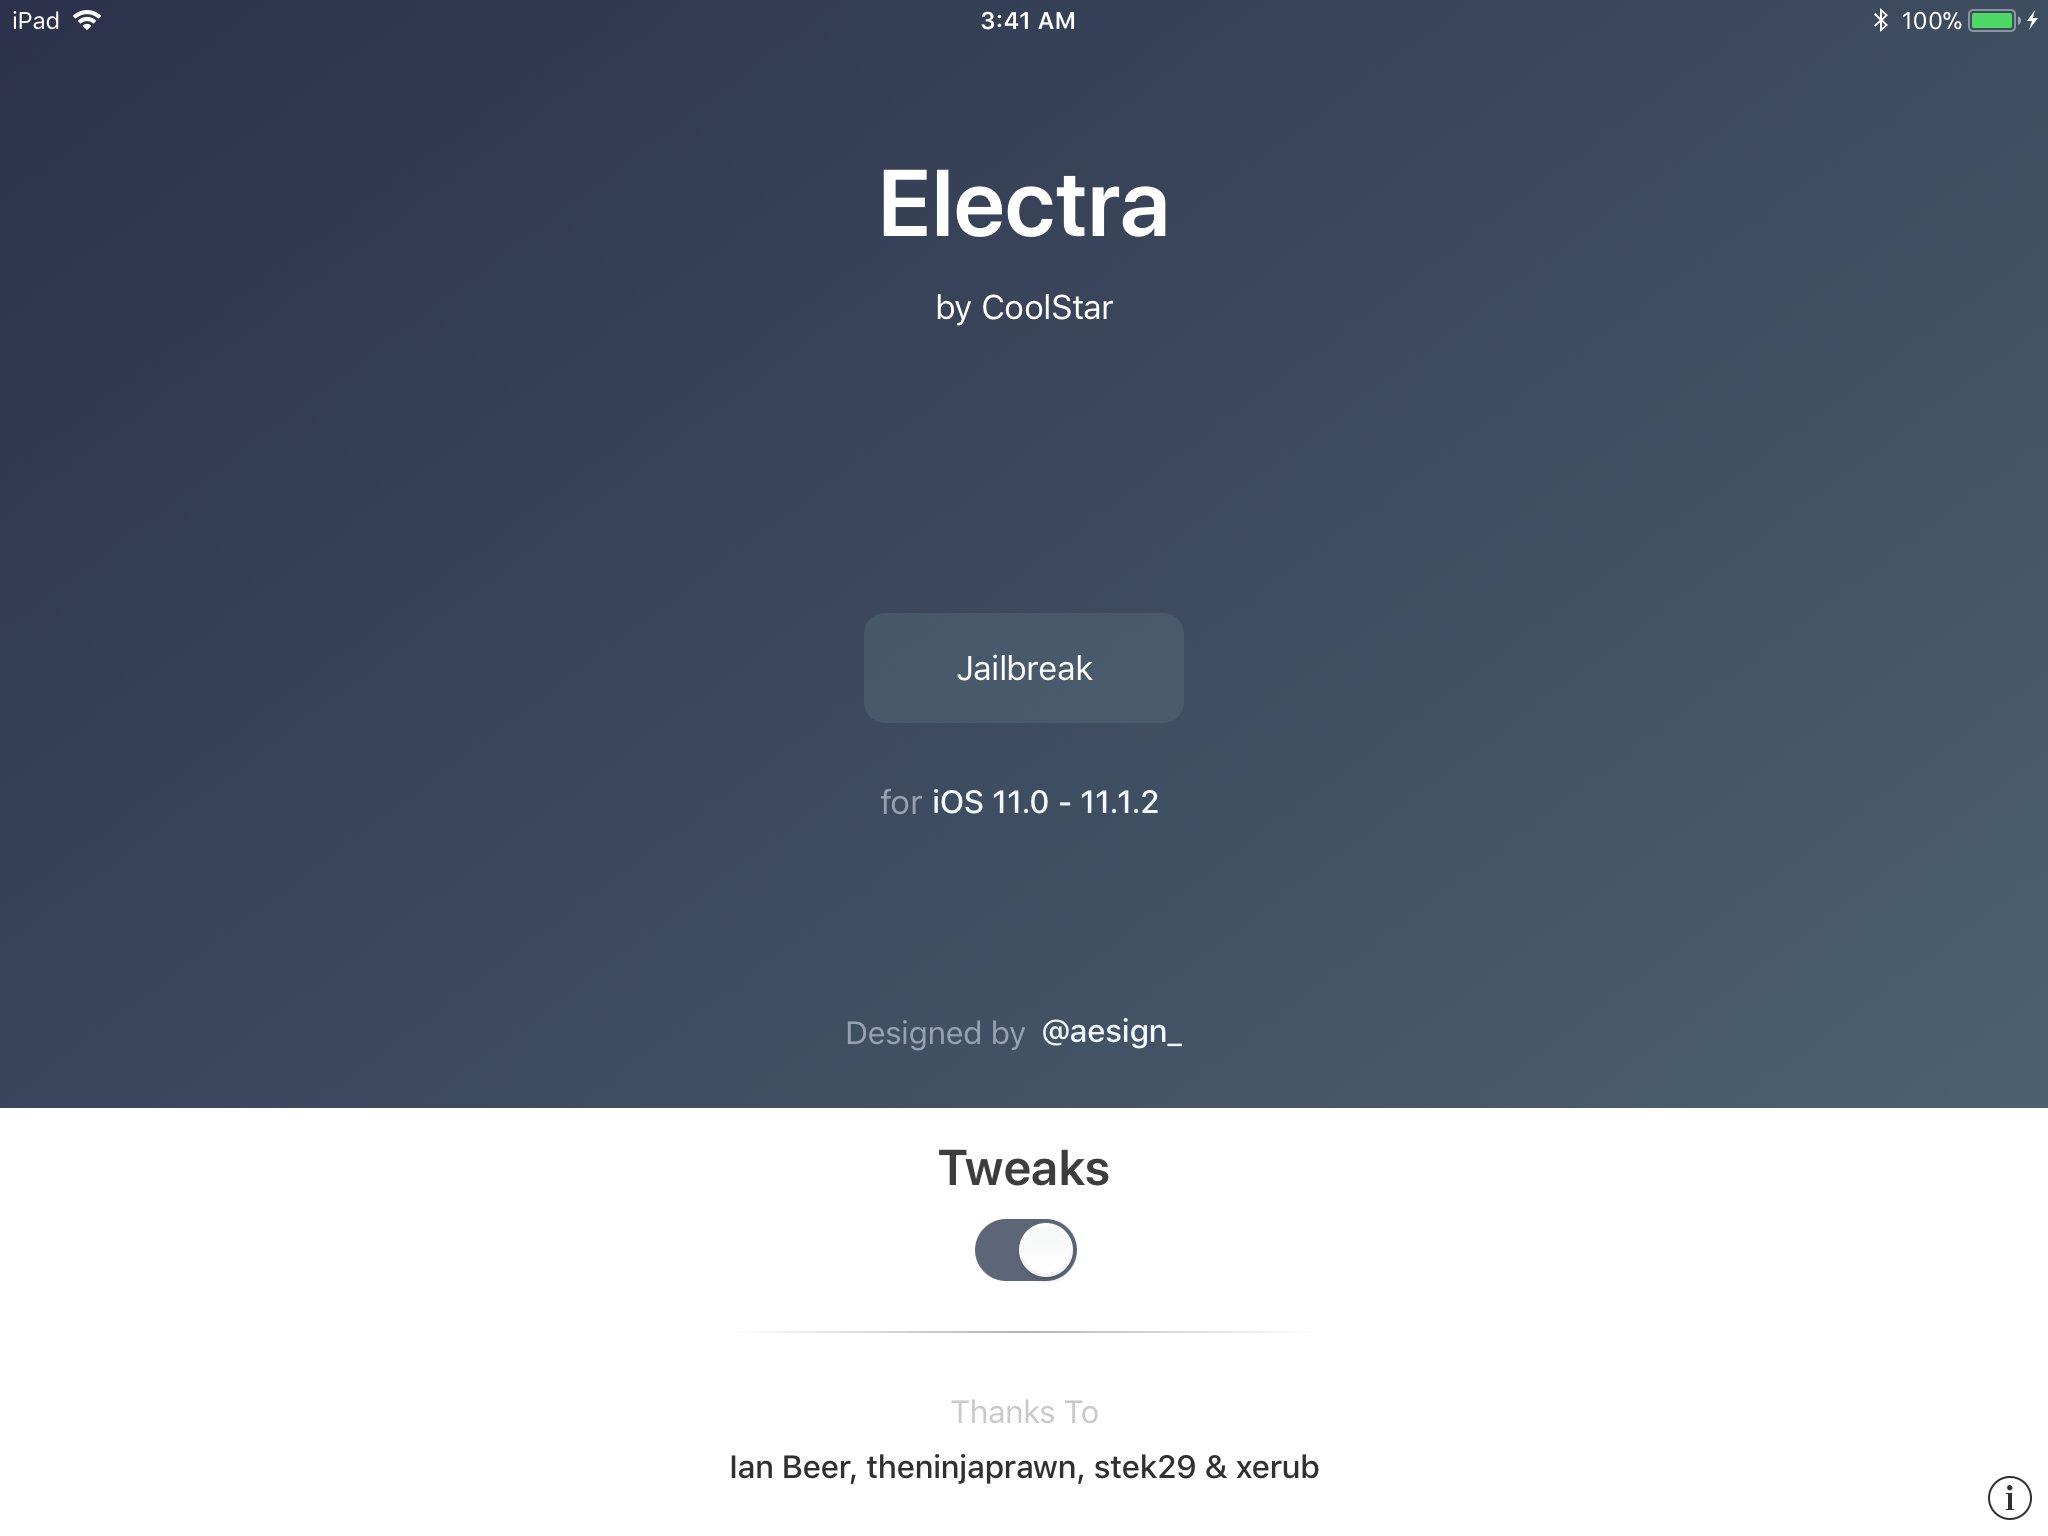 electra 1 - Thông tin về công cụ jailbreak iOS 11 hoàn thiện Electra ra mắt ngày mai